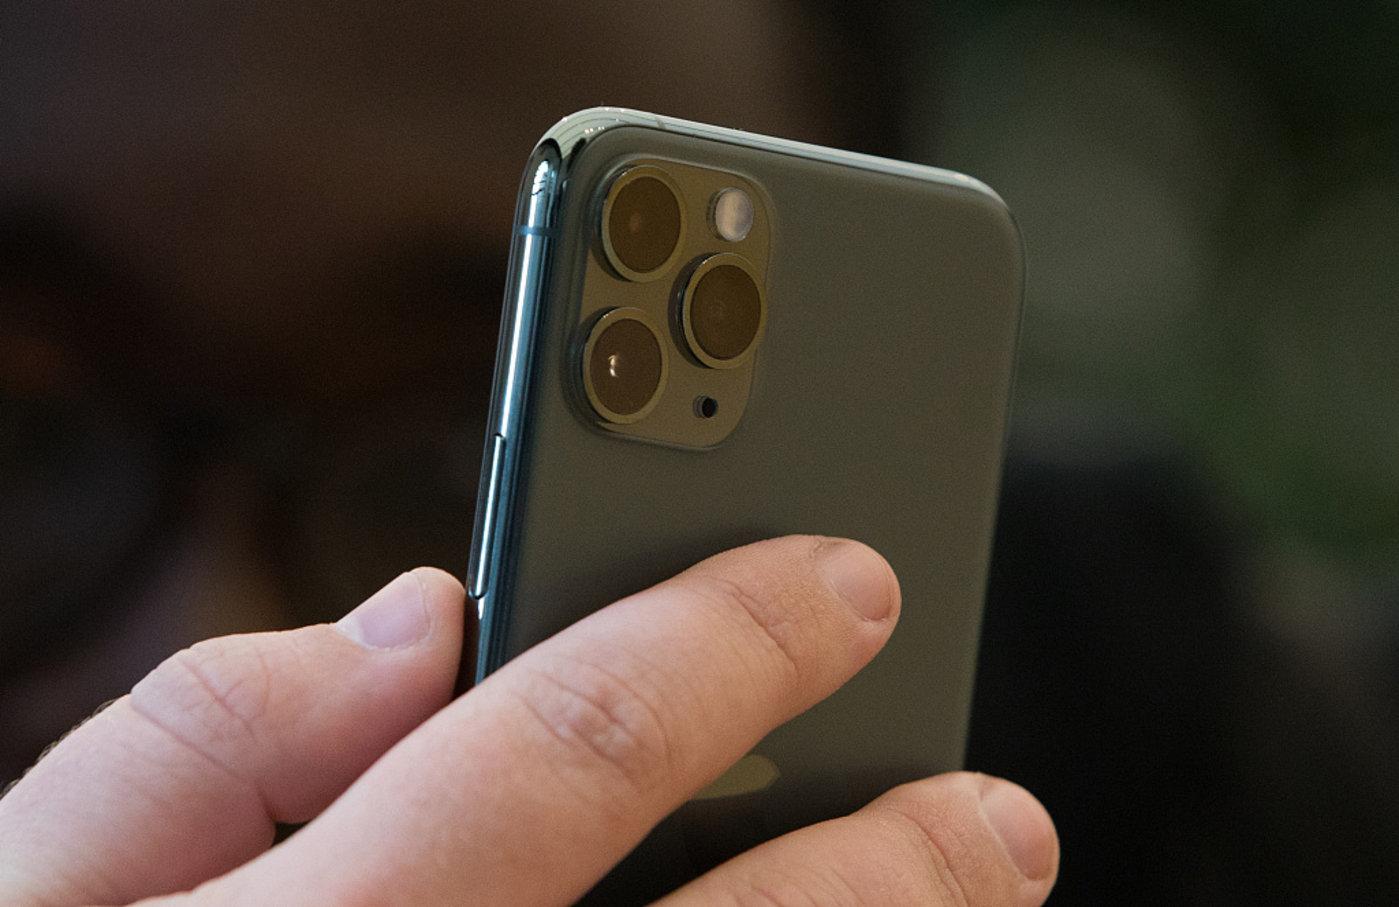 宝鼎科技12个交易日涨近200% 交易所问是否信息泄露